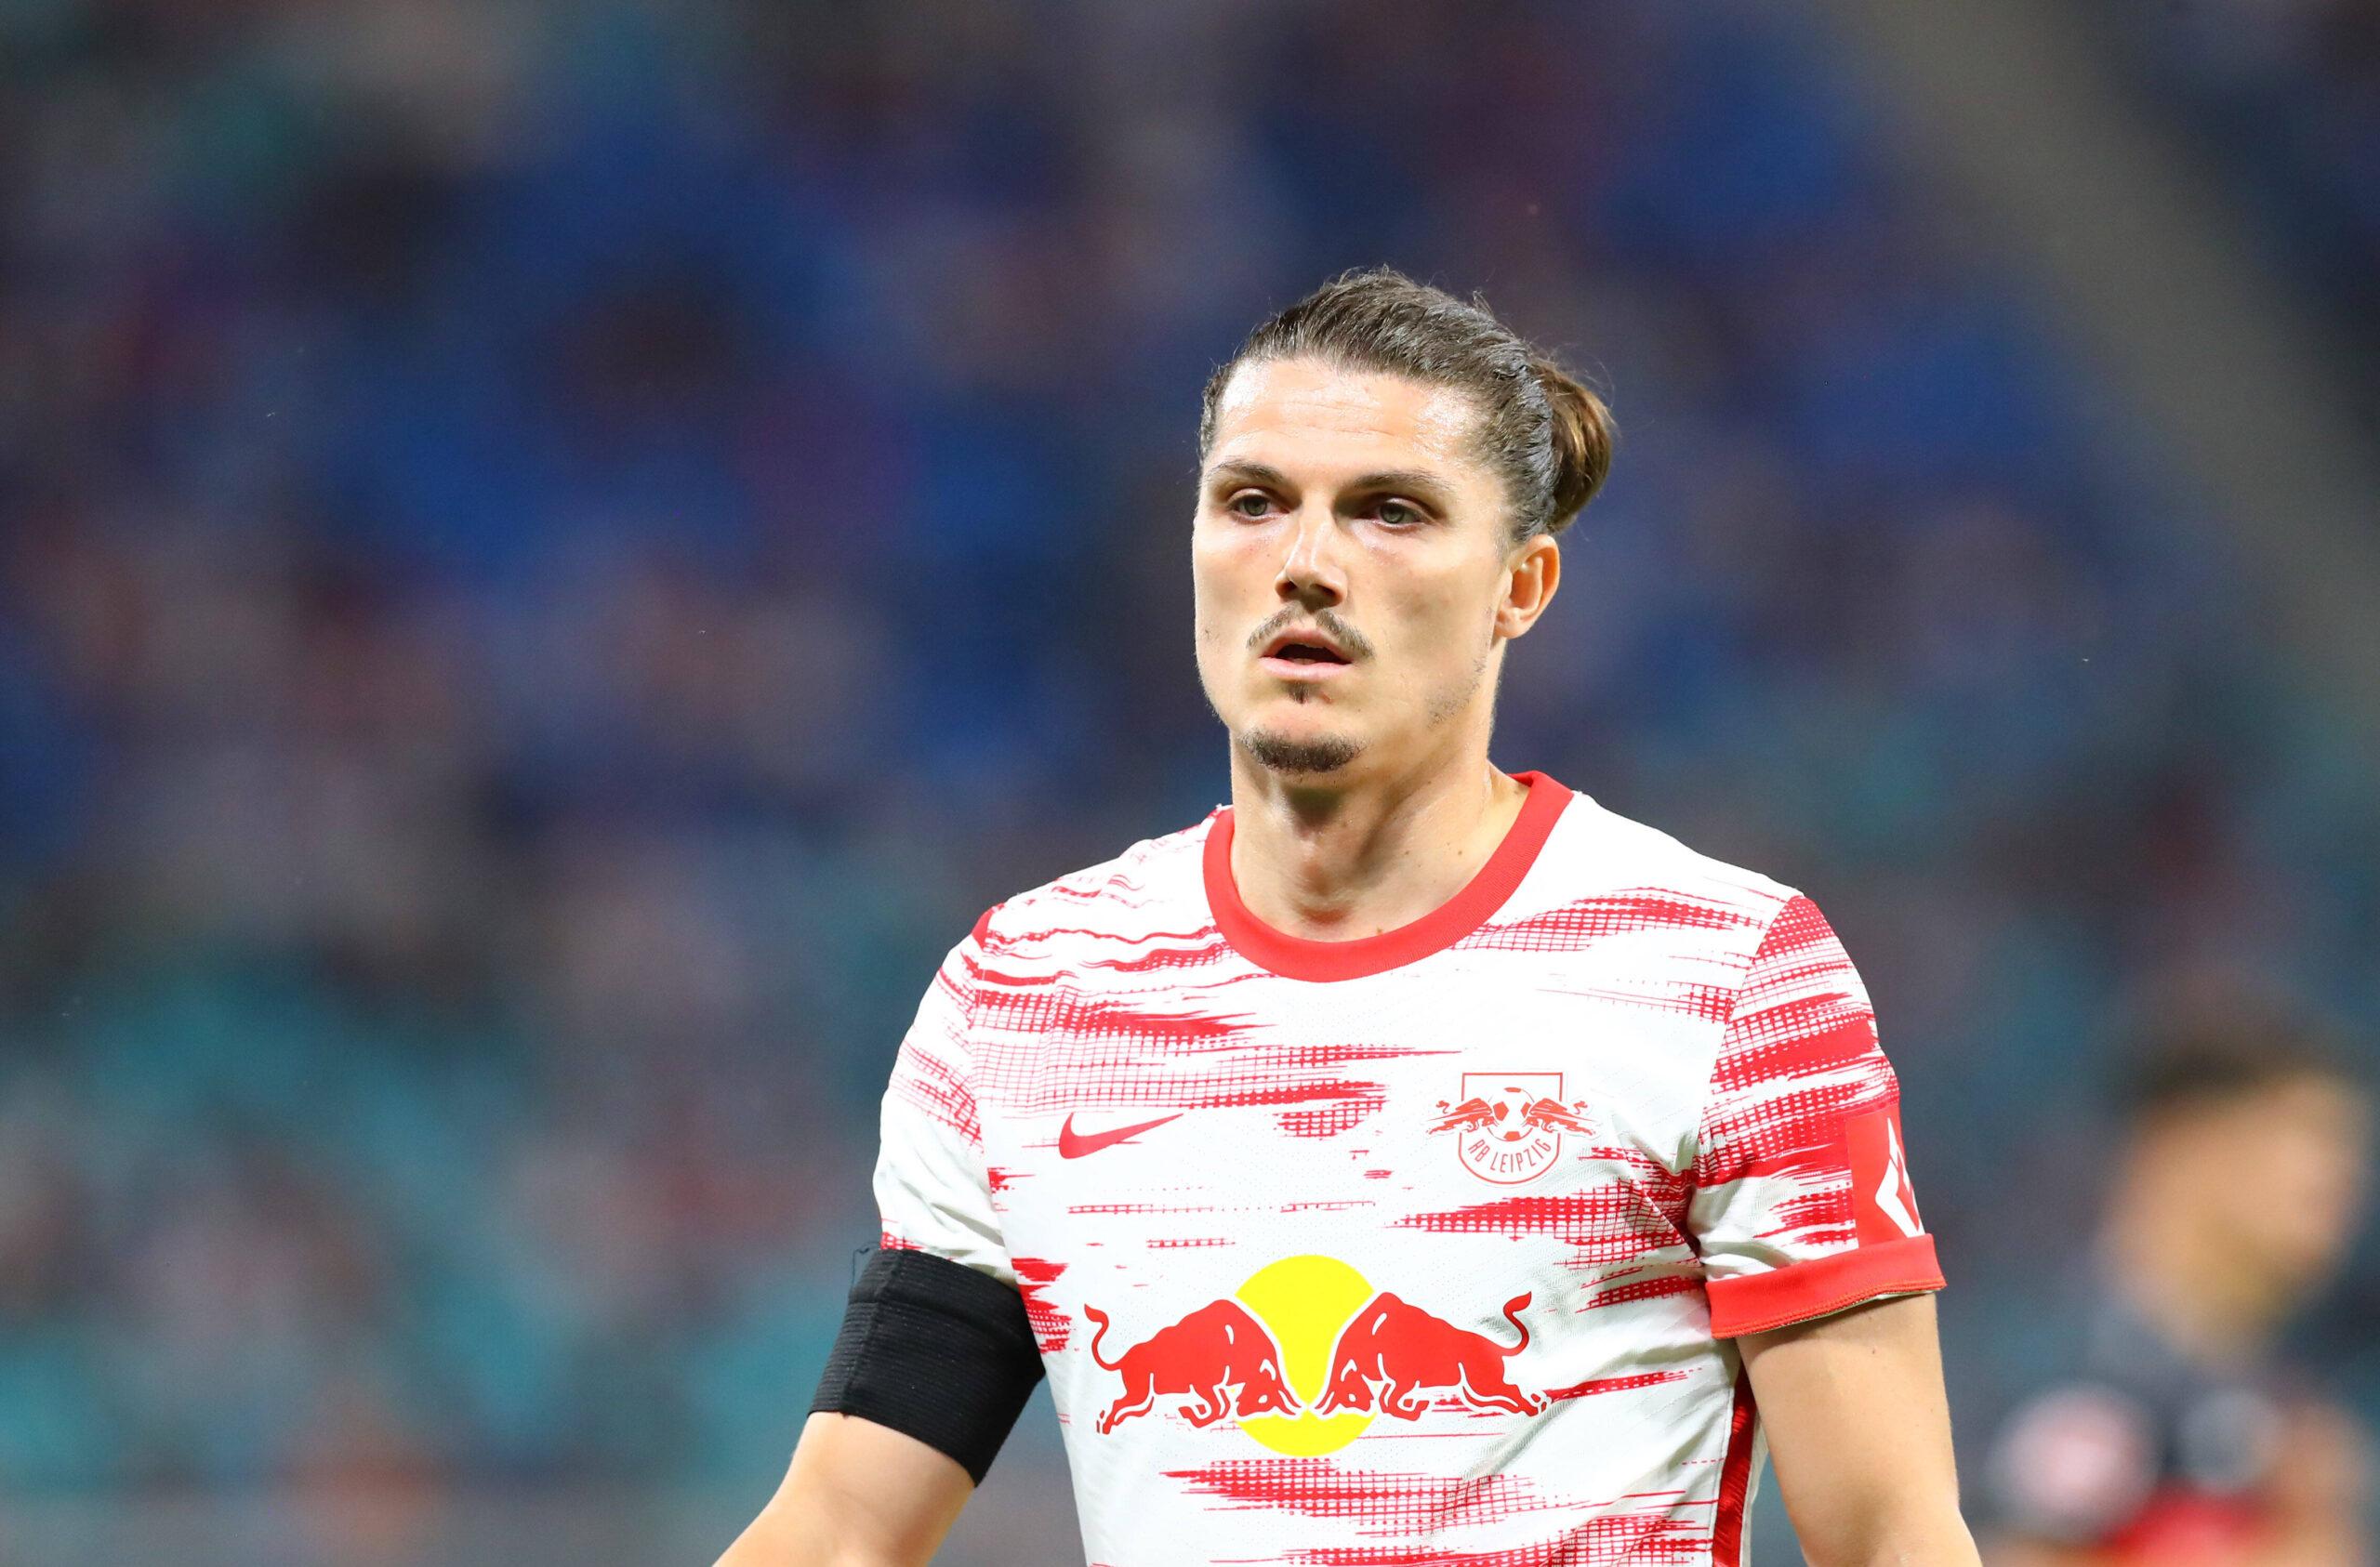 FC Bayern München y Sabitzer ya se han puesto de acuerdo. Ahora solo falta cerrar el trato con RB Leipzig. Foto: Imago.